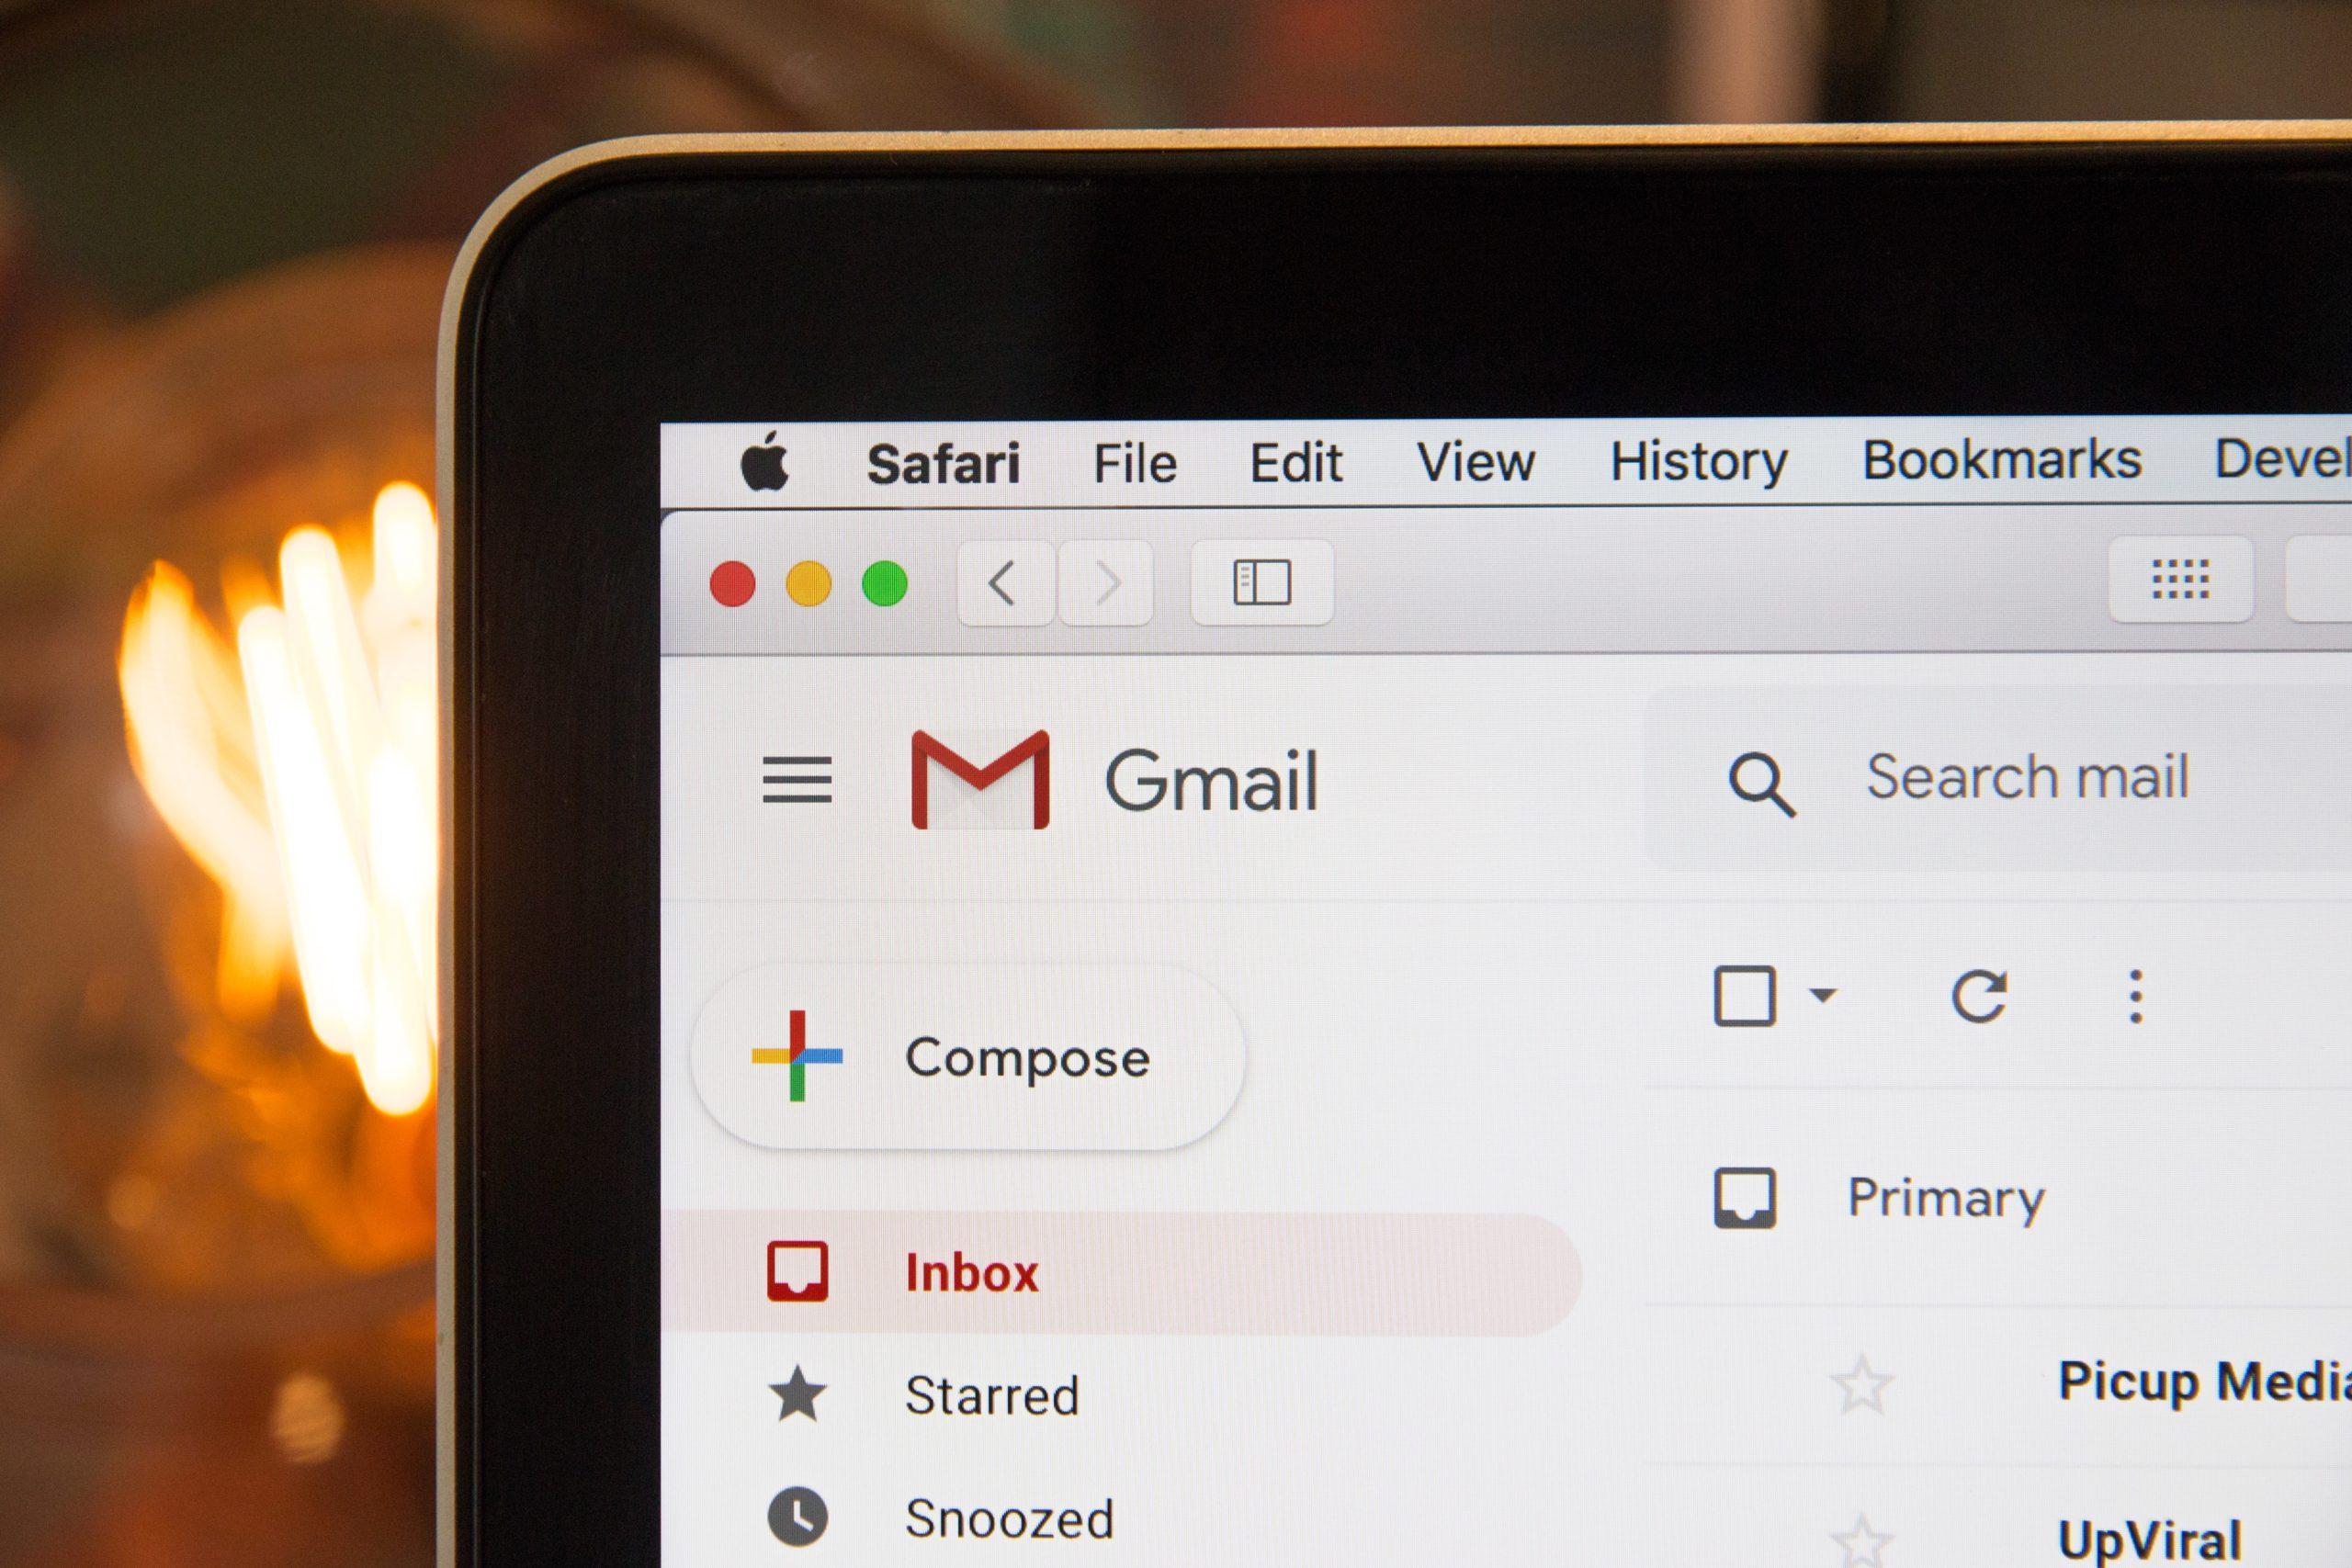 Gmailで他のメールアドレスを使えるようにする。